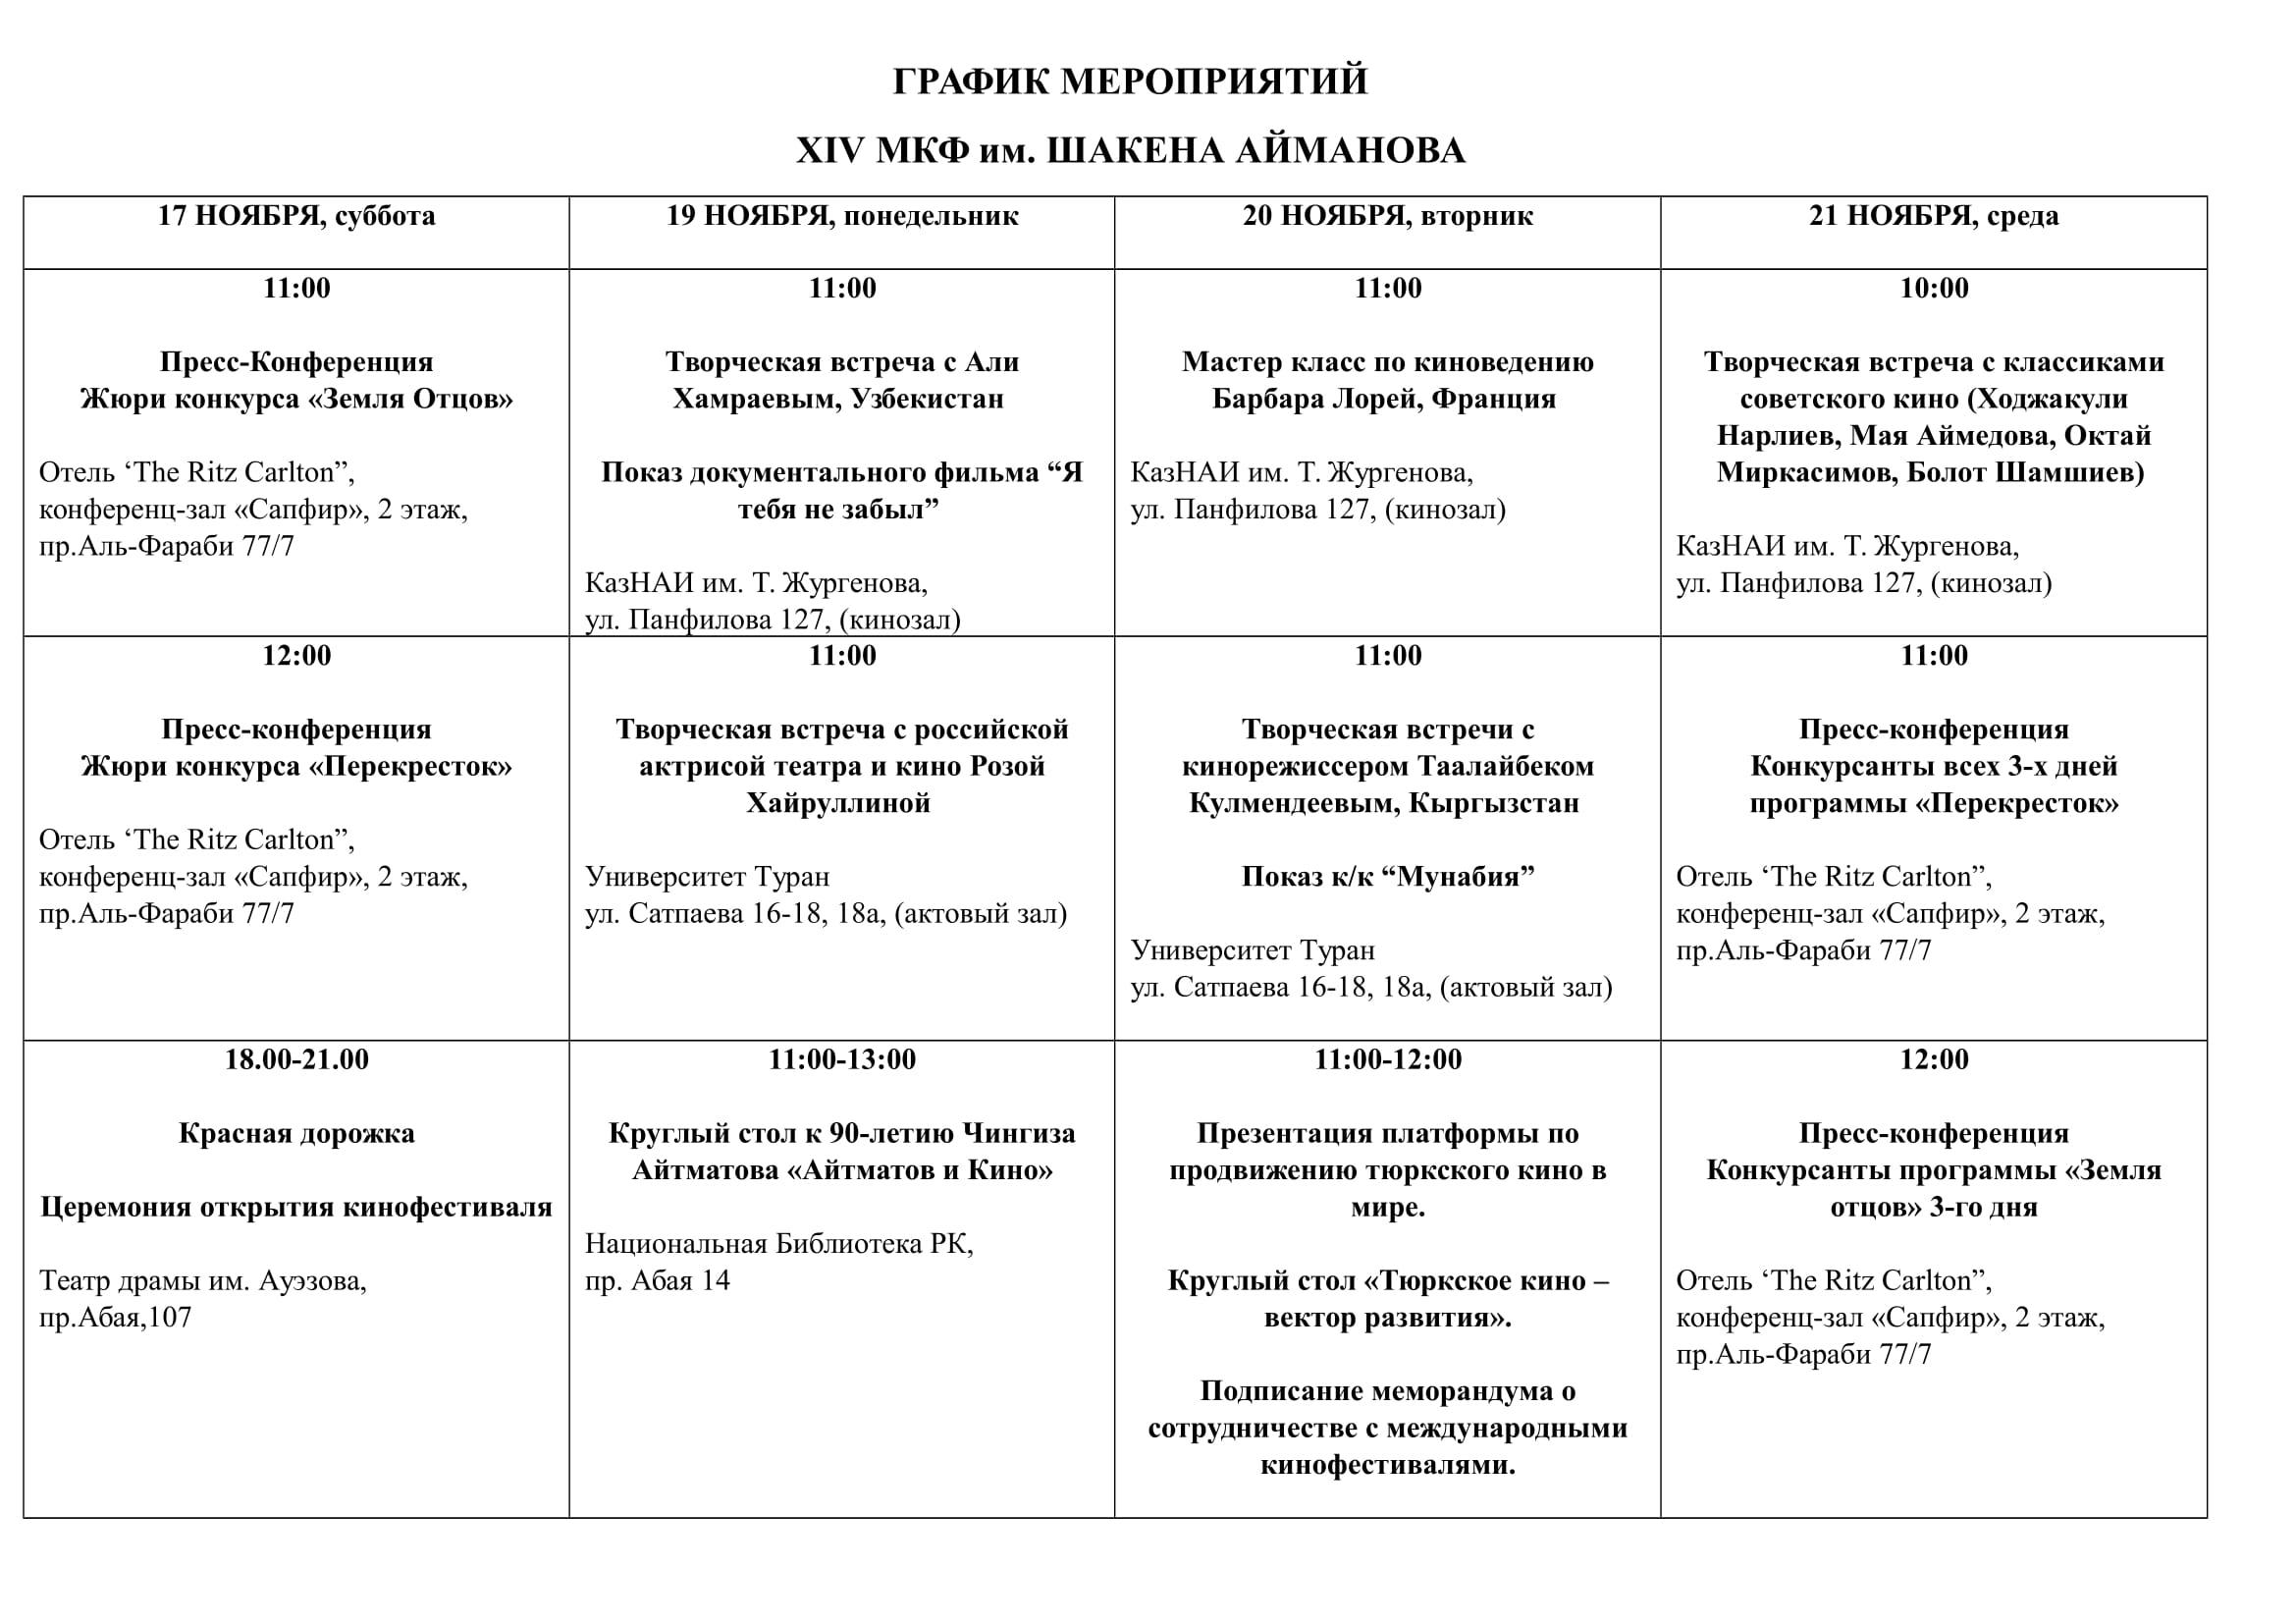 МЕРОПРИЯТИЯ СМИ_рус-1